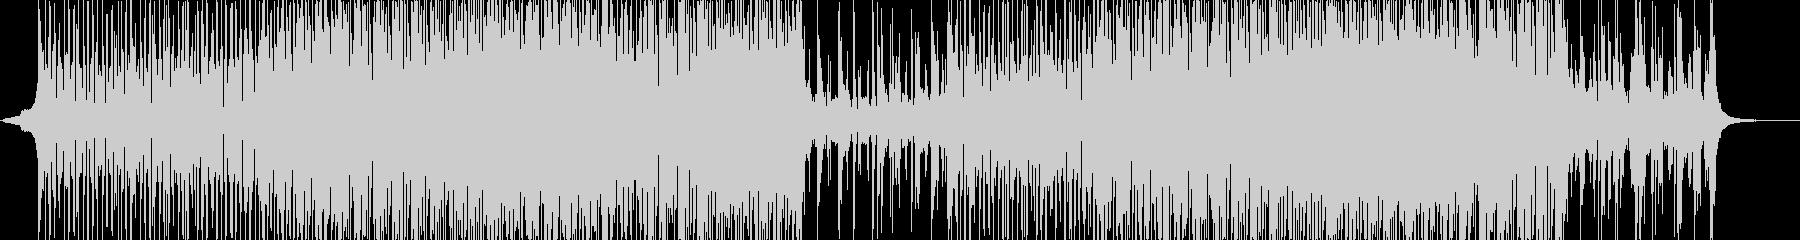 シンセ-エレクトロダンス-光-空間-CMの未再生の波形